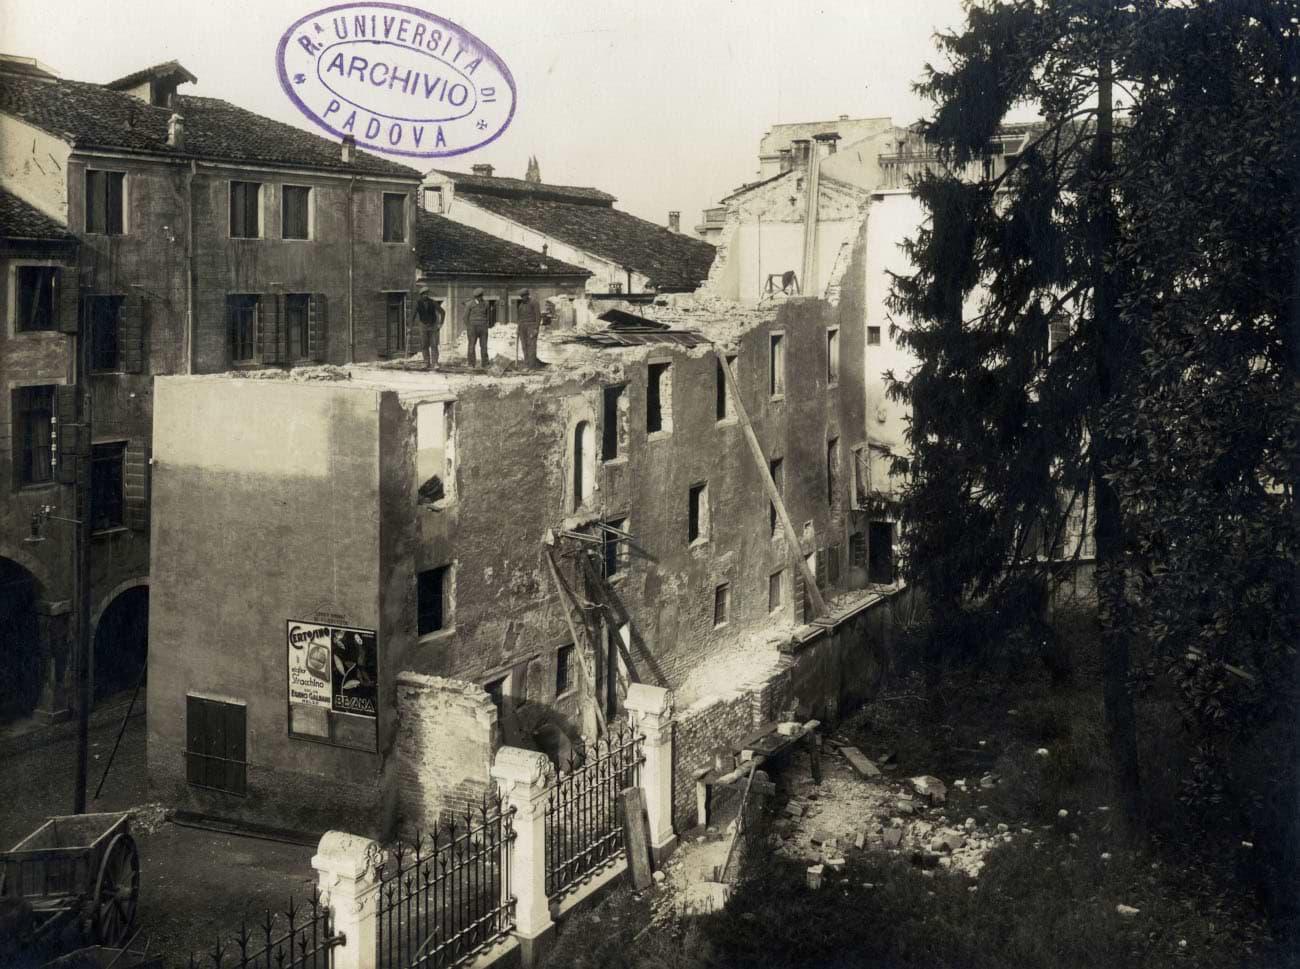 Giardino delle scuole Carraresi verso via dell'Accademia: Inizio delle demolizioni per far posto al nuovo palazzo della Facoltà di lettere, il Liviano.